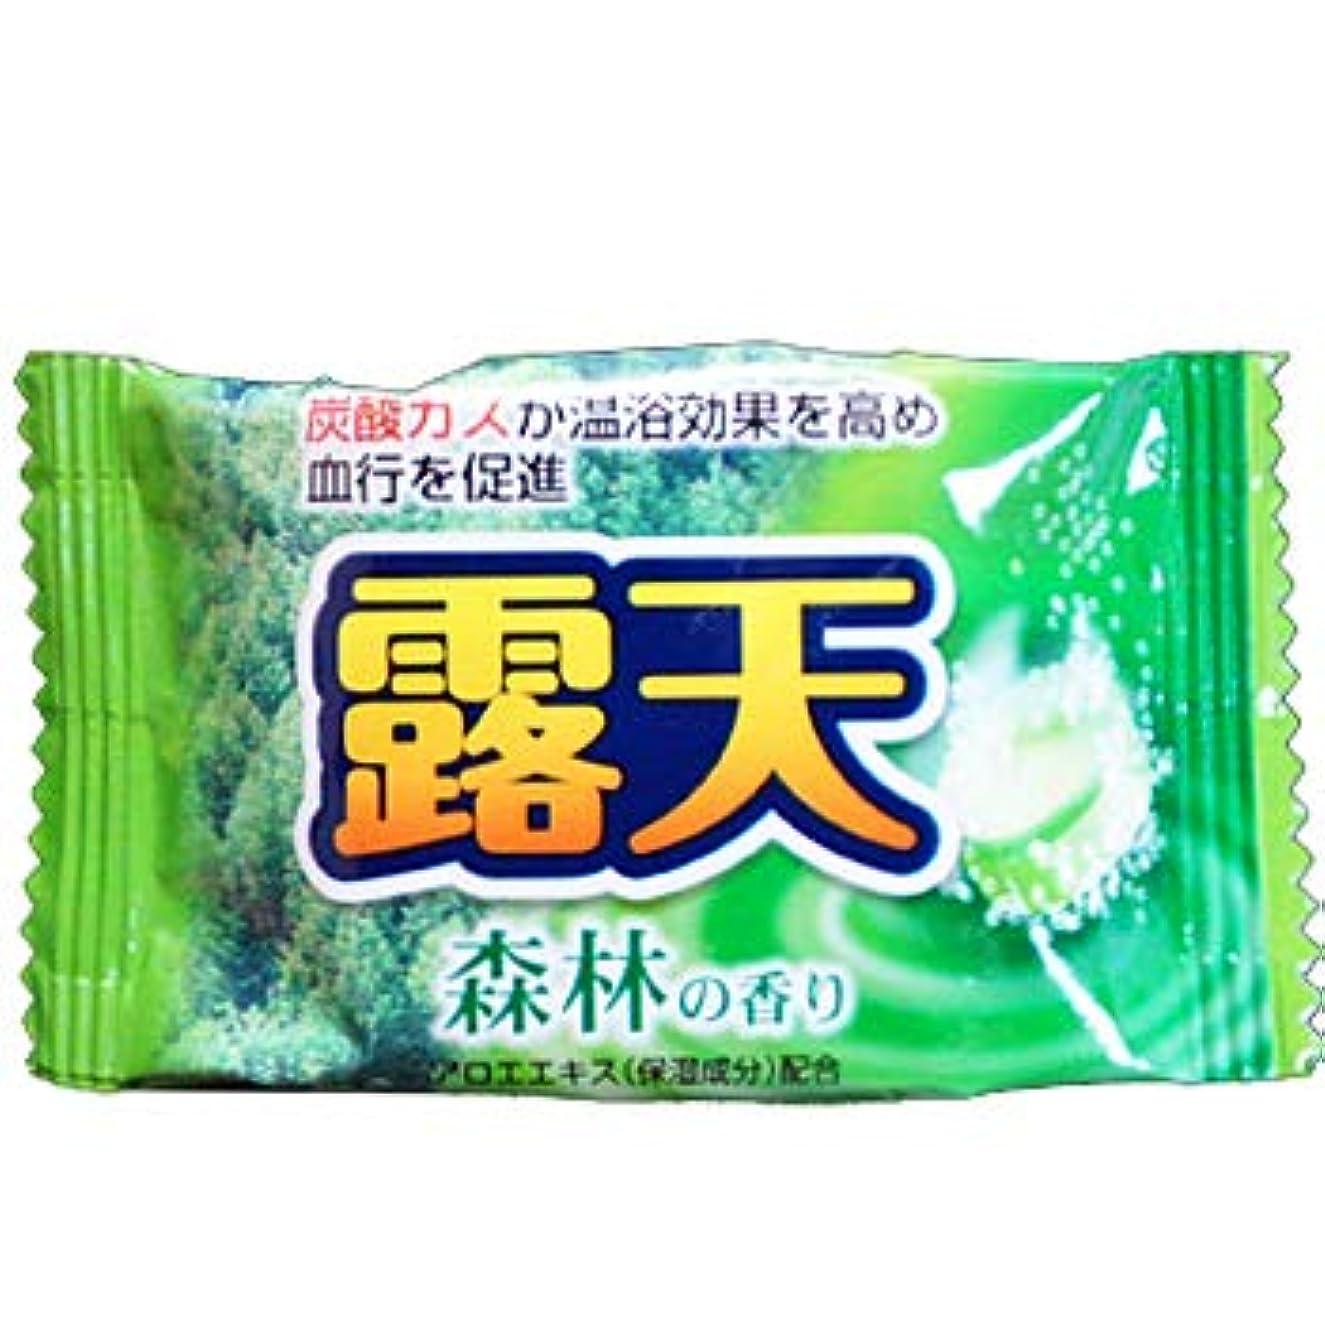 散らす早い競争力のある薬用発泡入浴剤 露天40g 森林の香り(1セット400個入)